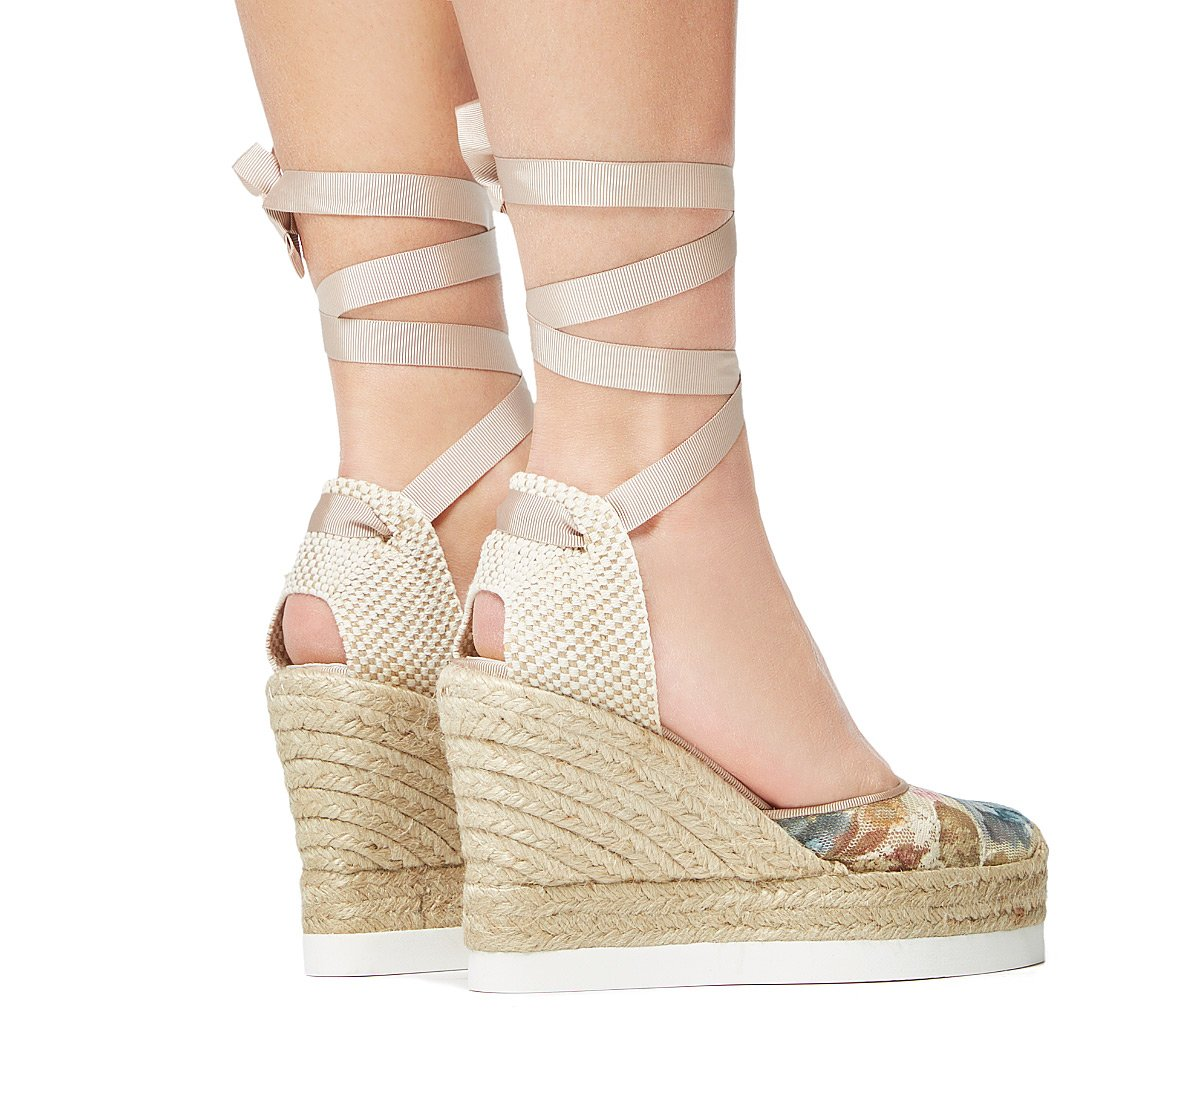 Sandalo in tela